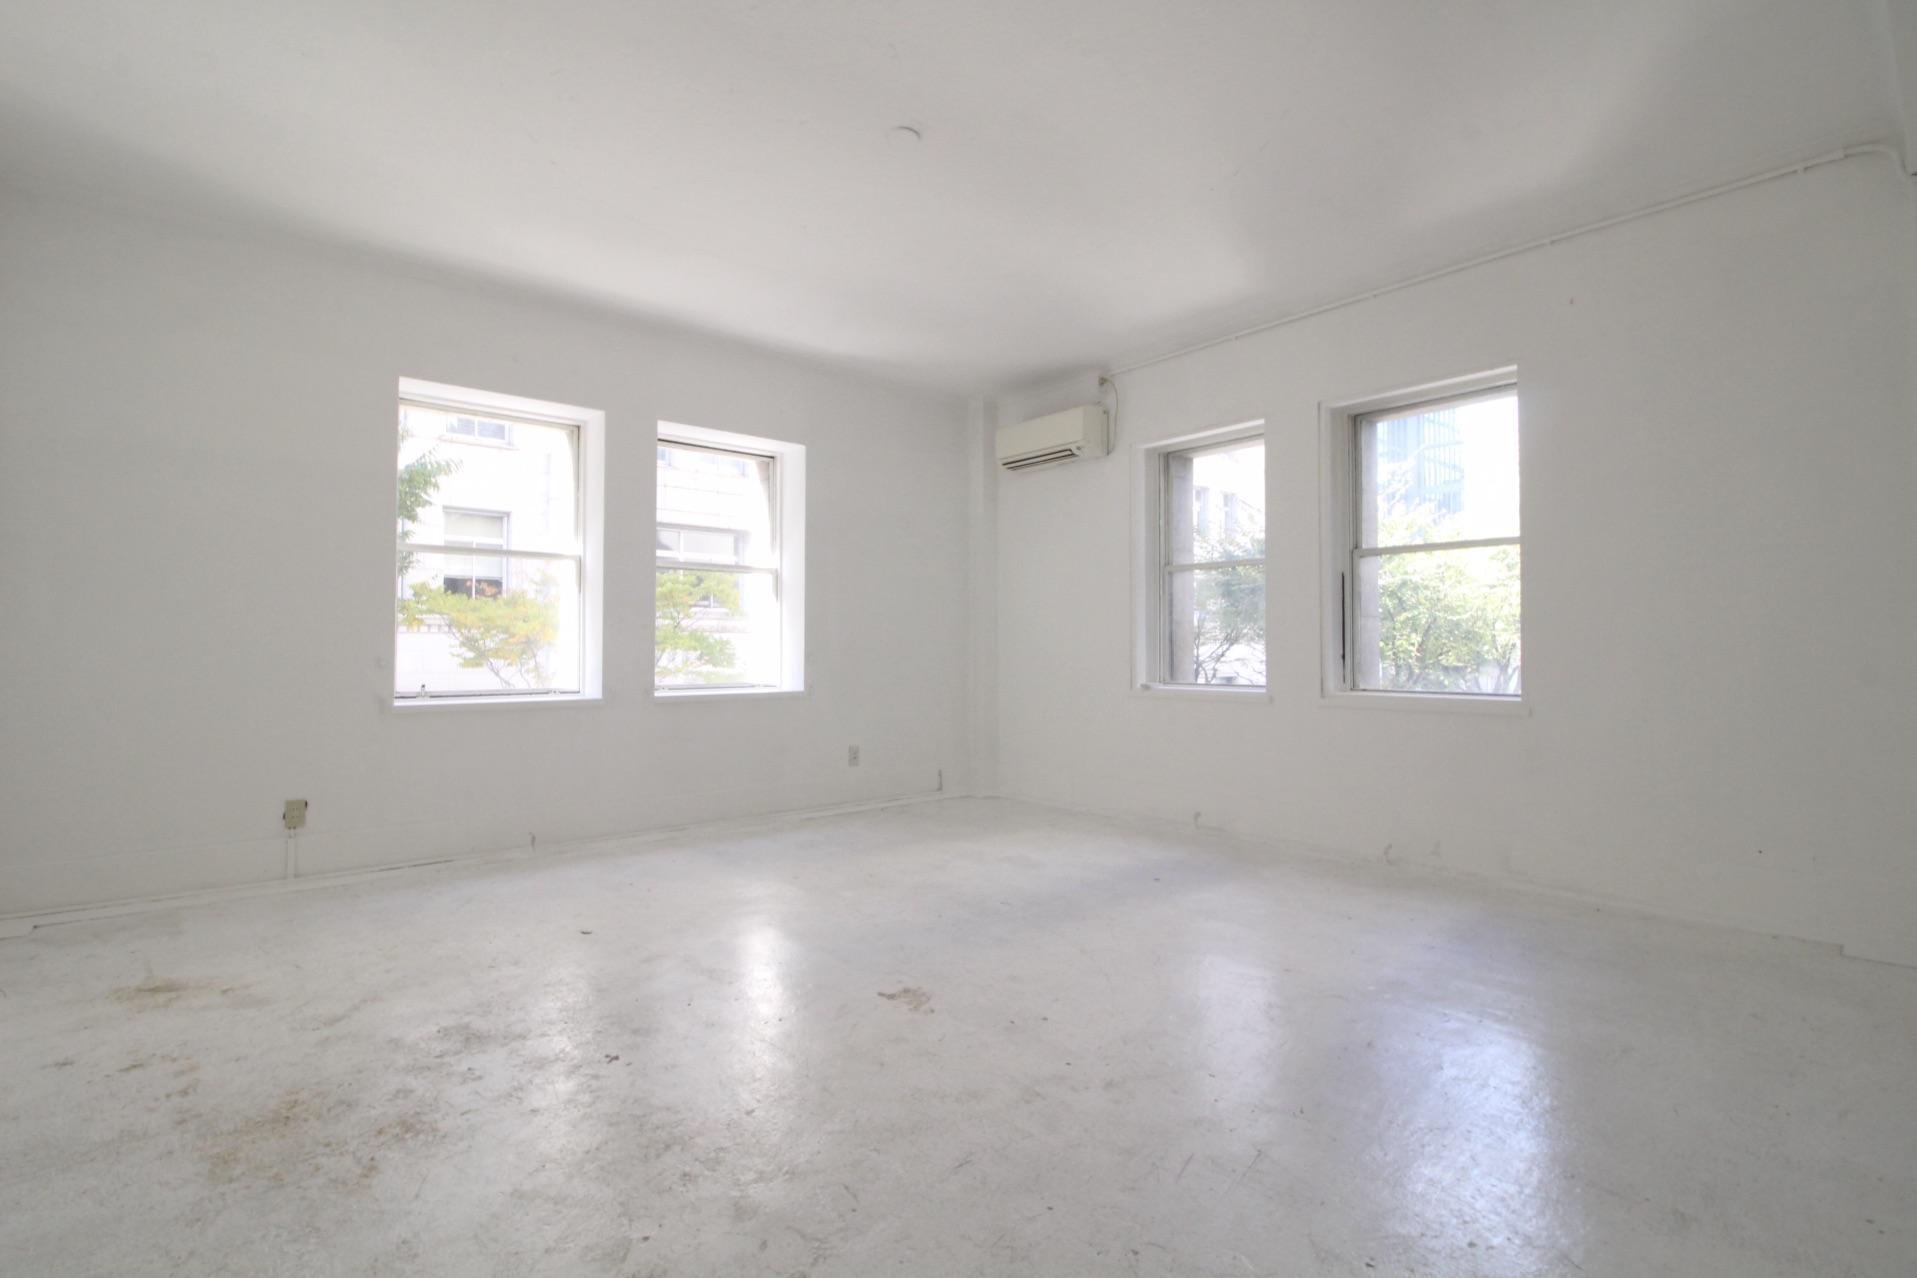 外観からは想像のつかない真っ白な空間(2階)